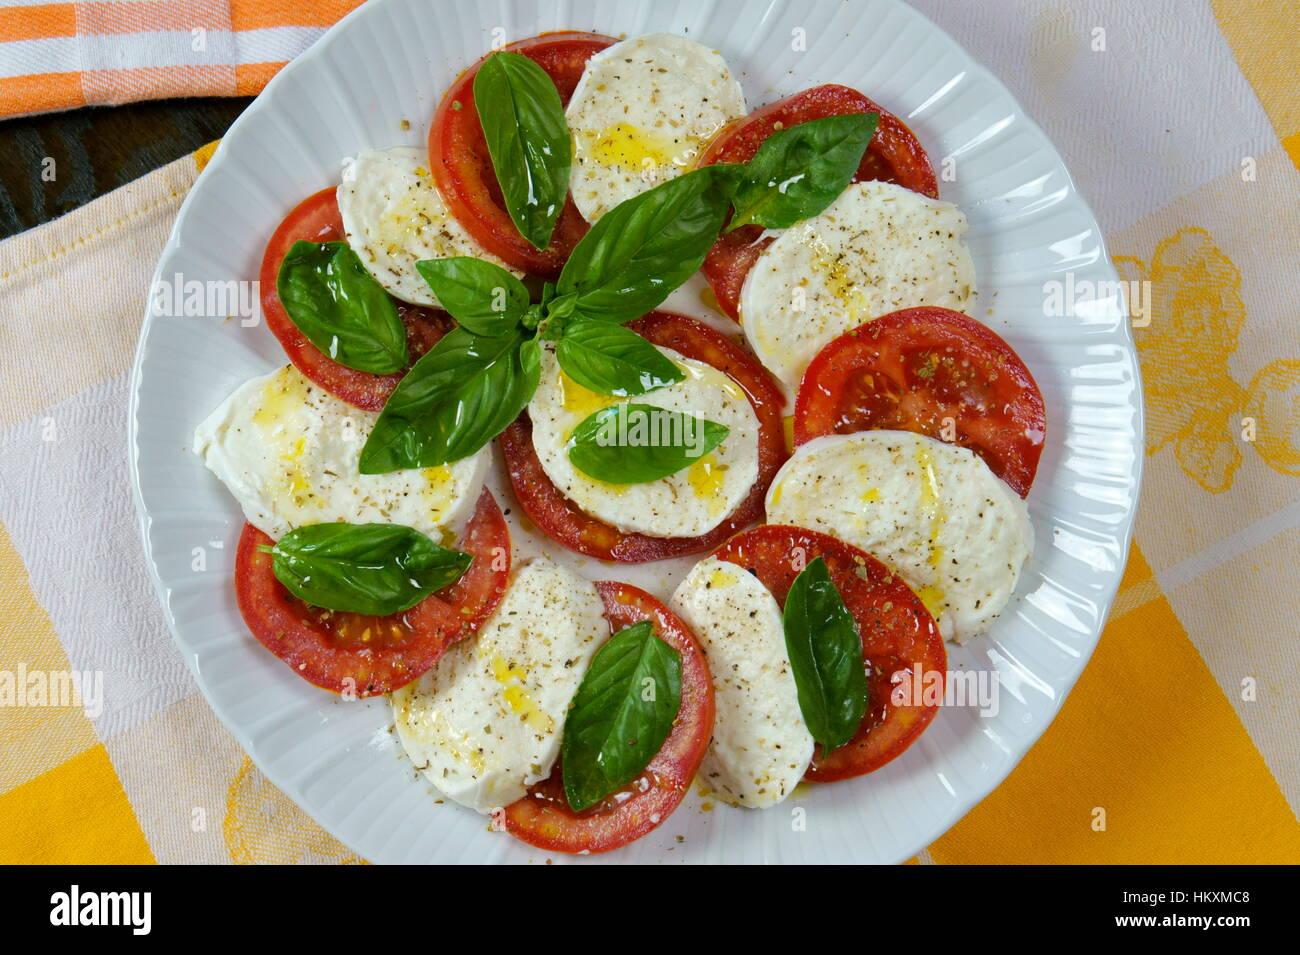 Tomato and buffalo mozzarella Caprese salad on colorful kitchen cloths - Prepared Italian recipe served in white - Stock Image